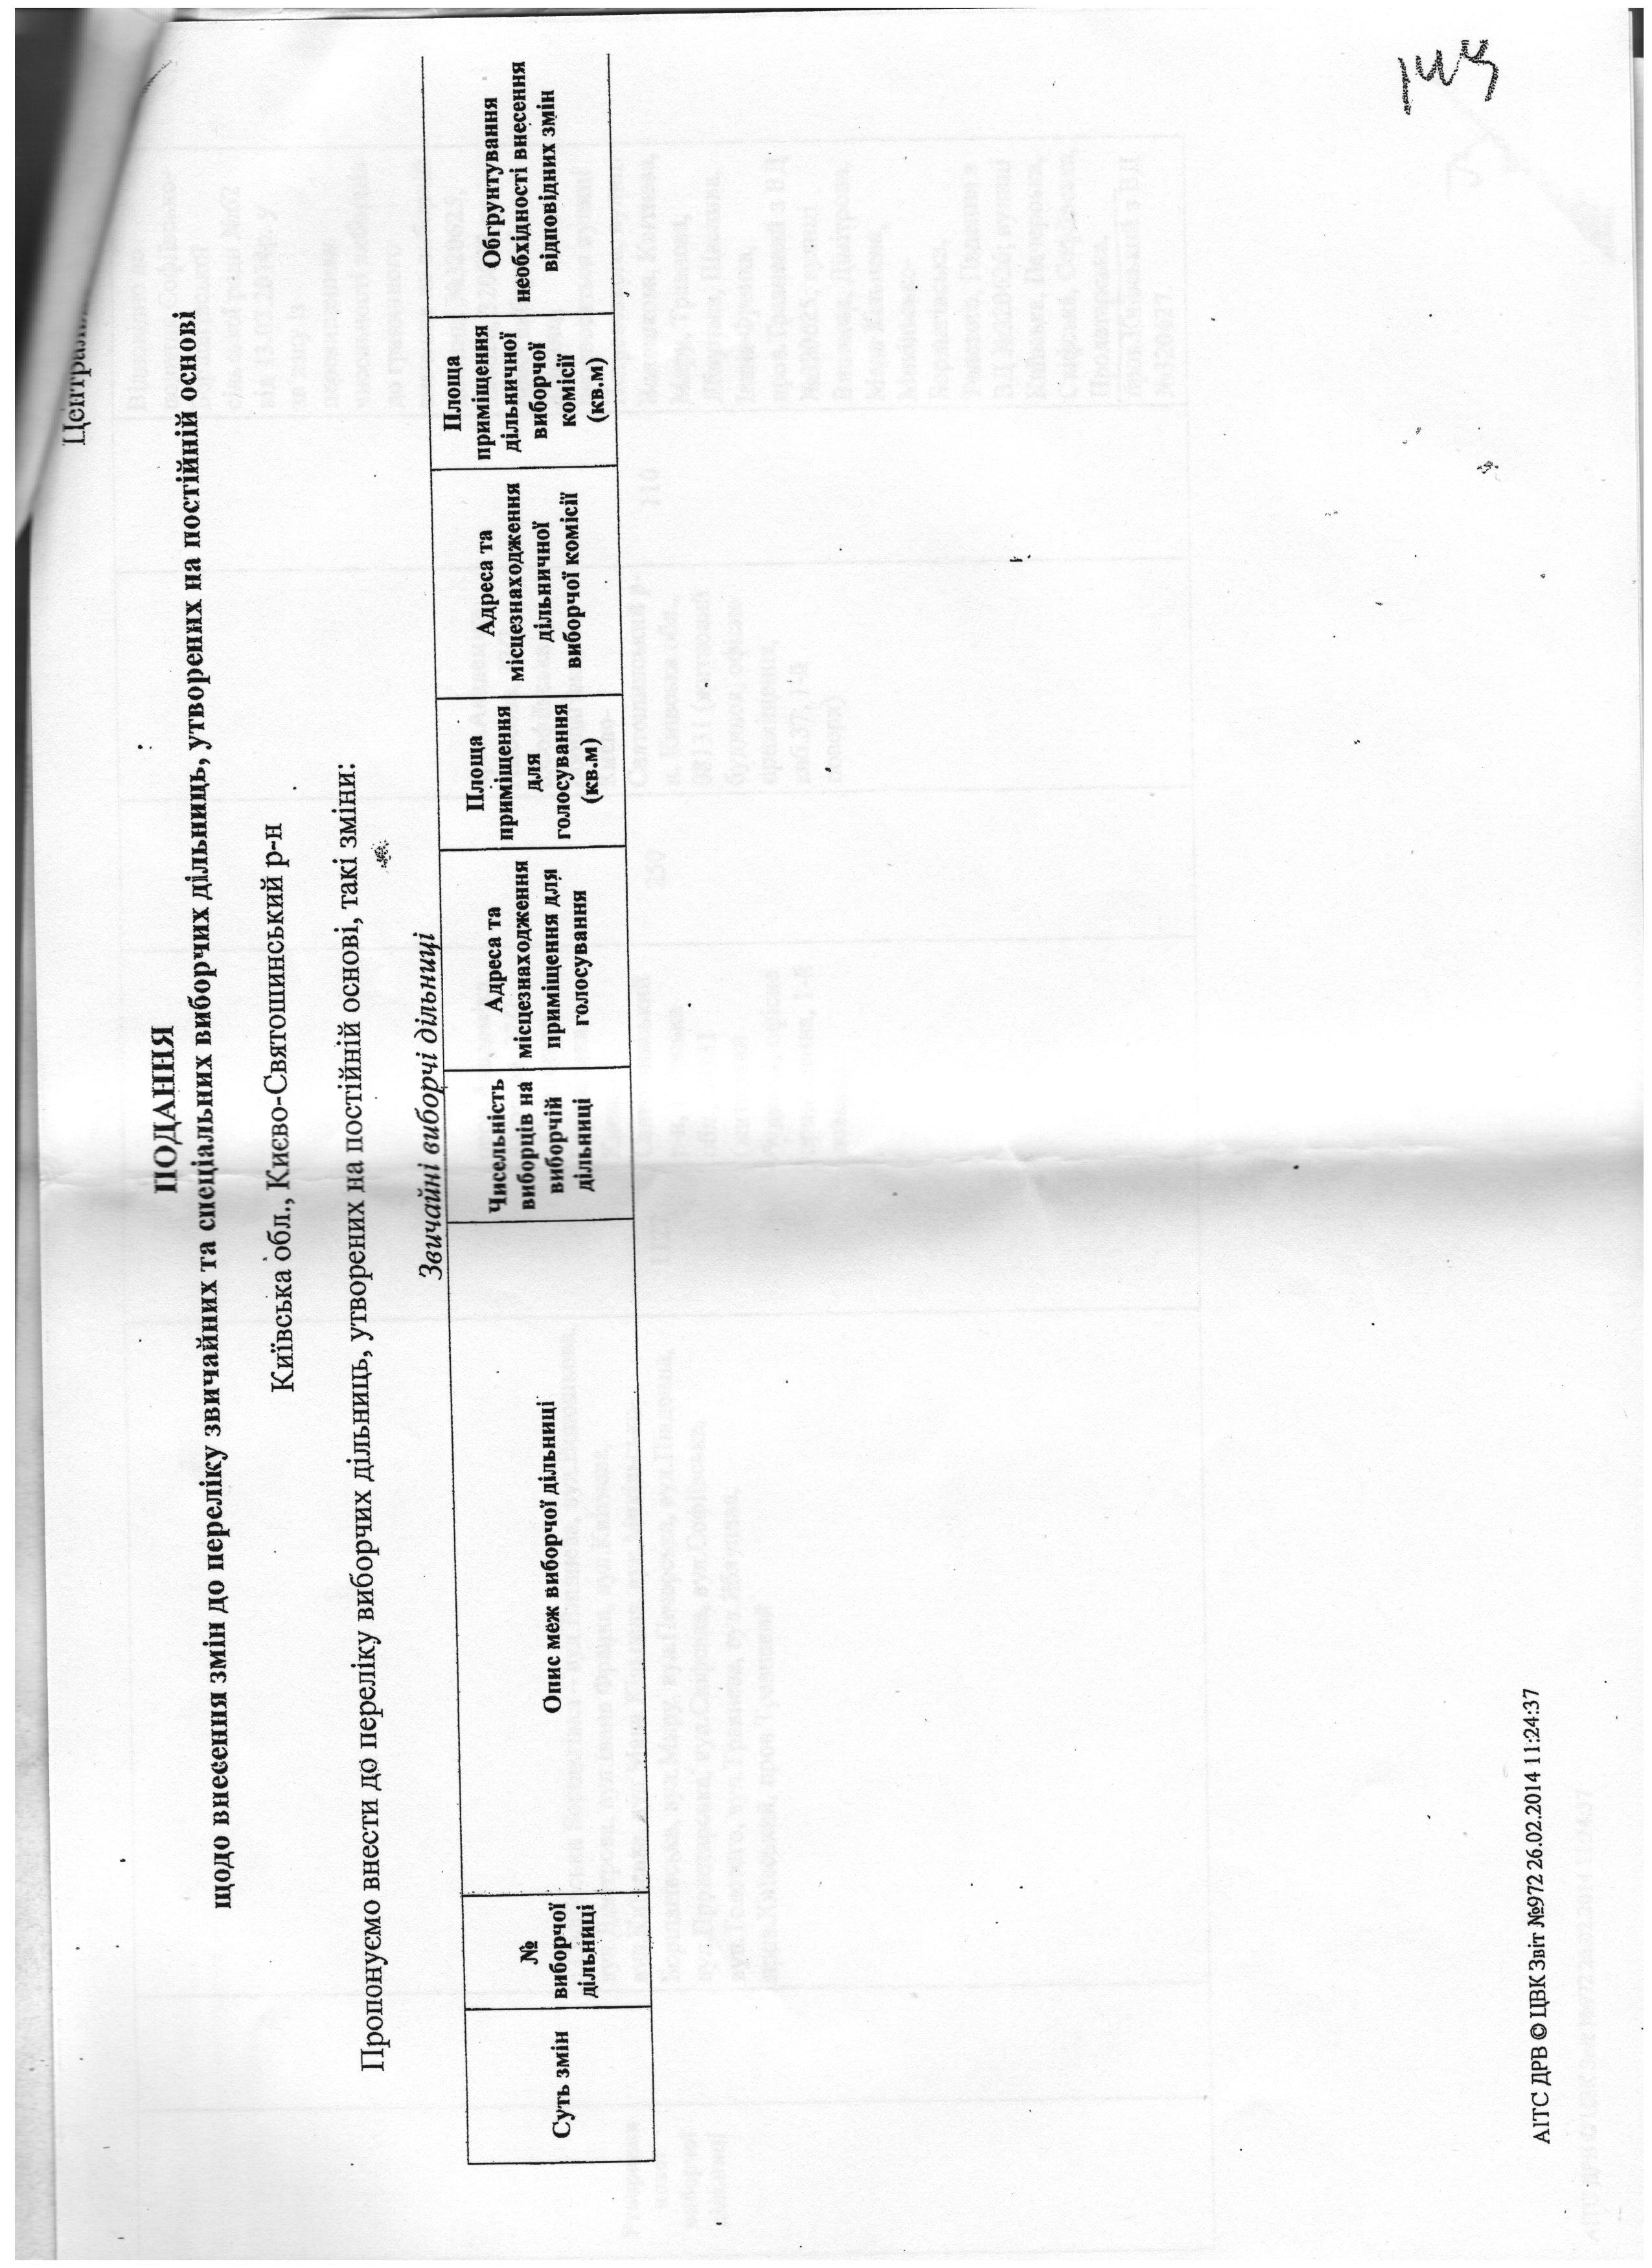 Пак про утворення нових  виборчих дільниць в селі Софіївська Борщагівка на підставі даних Києво Святошинської РДА 2